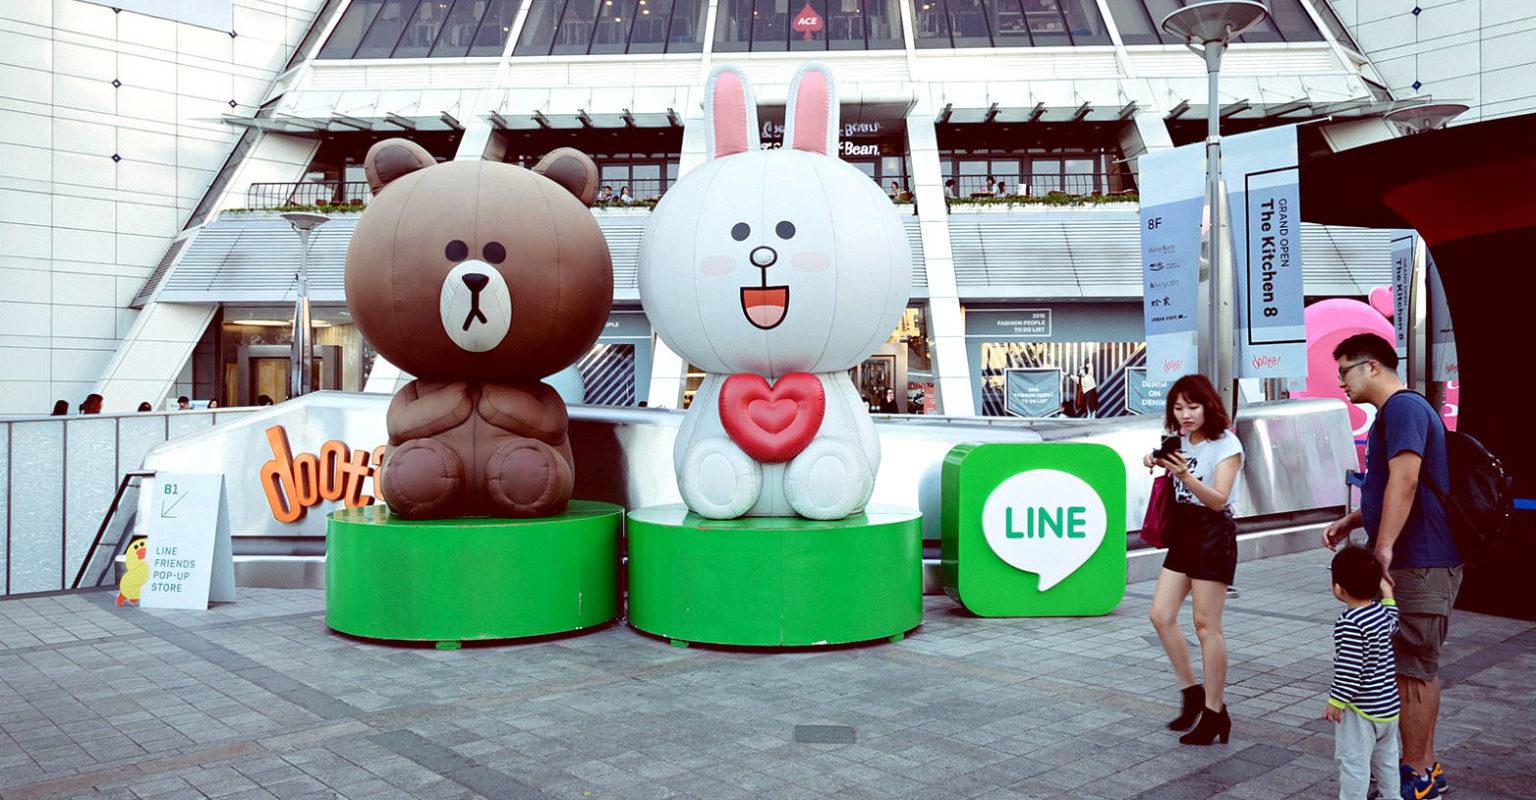 Siam Center, Line village figures, brown en Cony